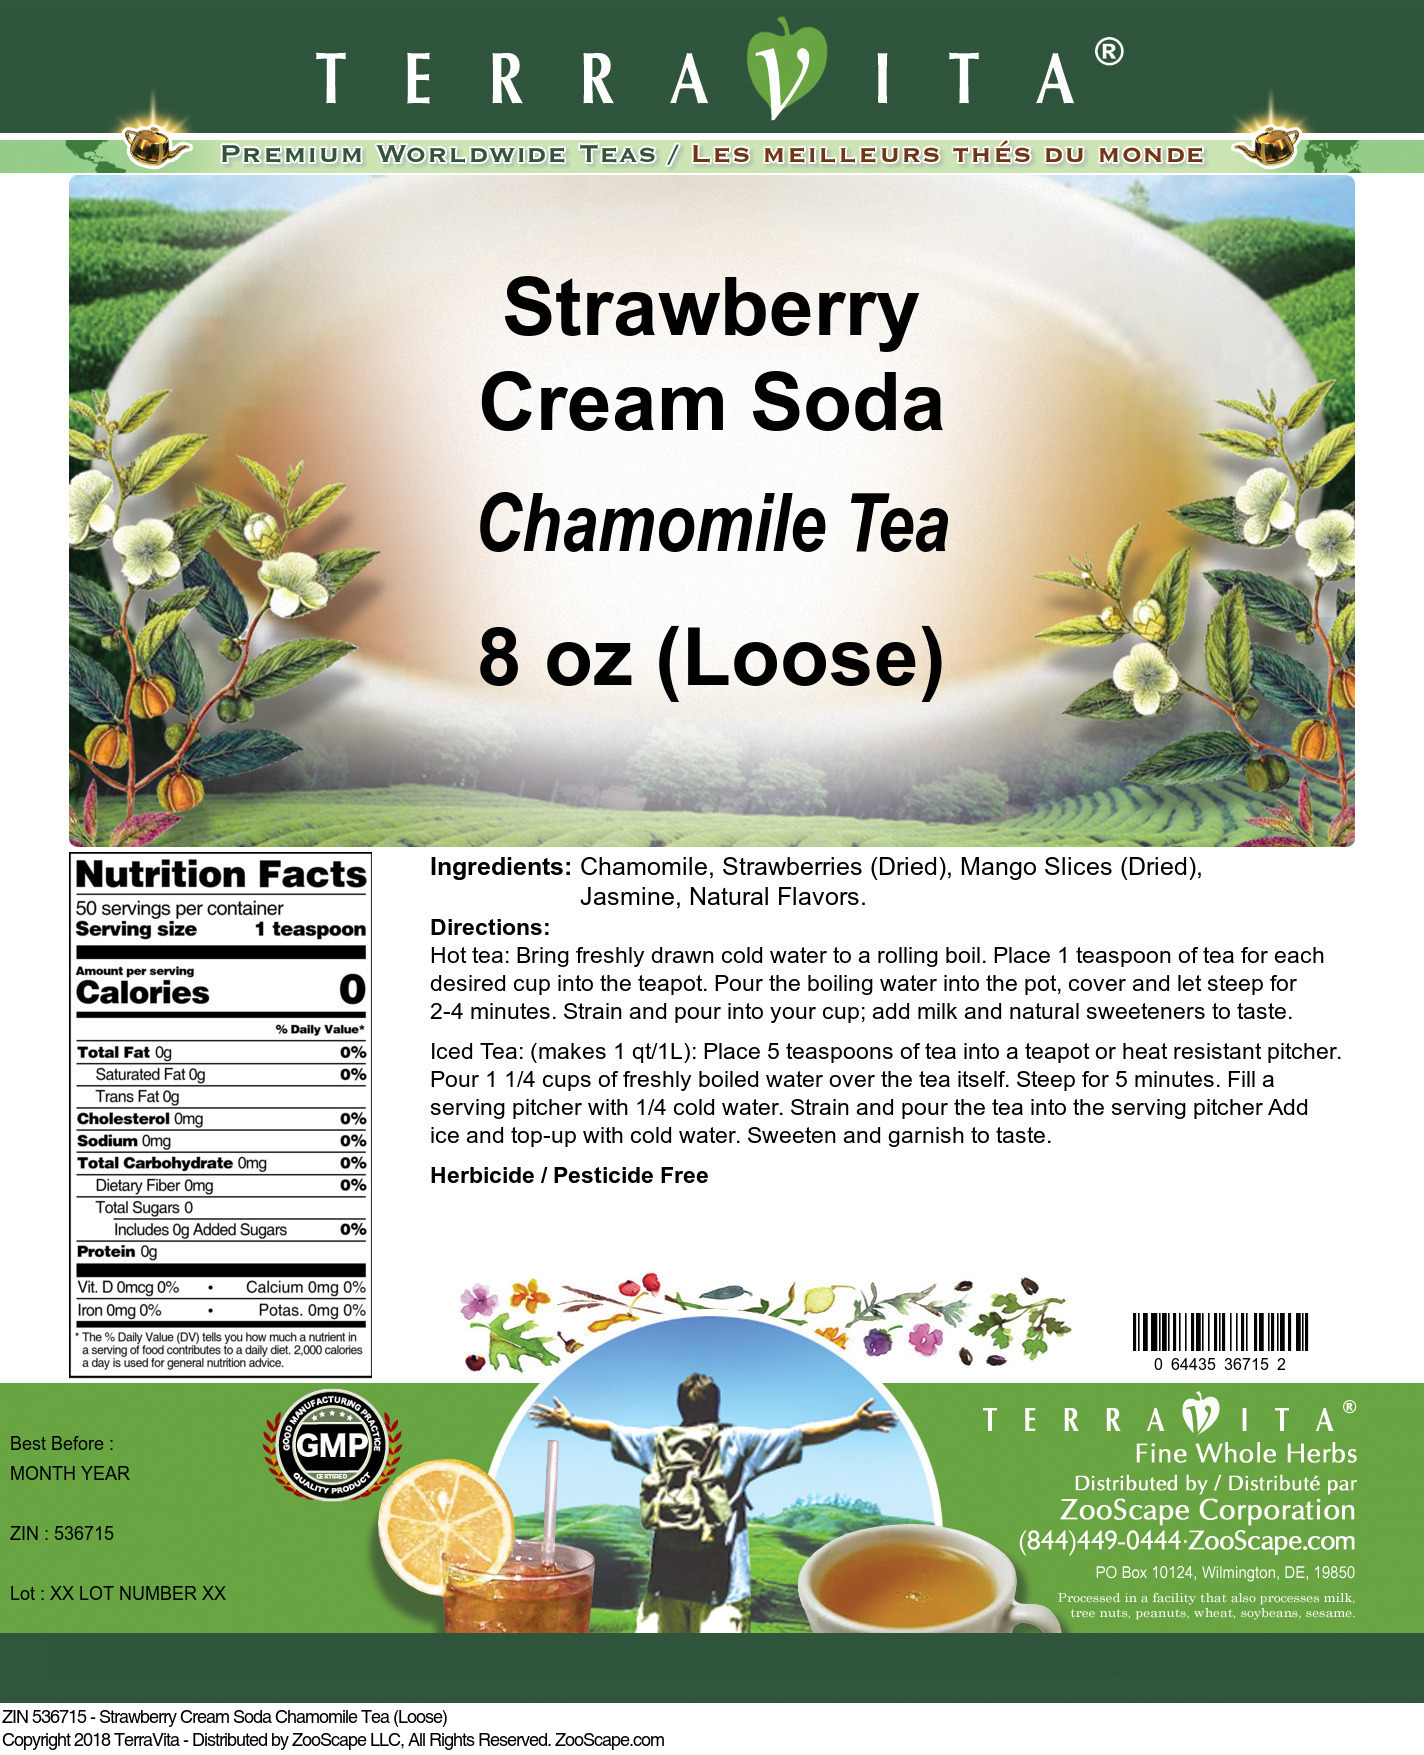 Strawberry Cream Soda Chamomile Tea